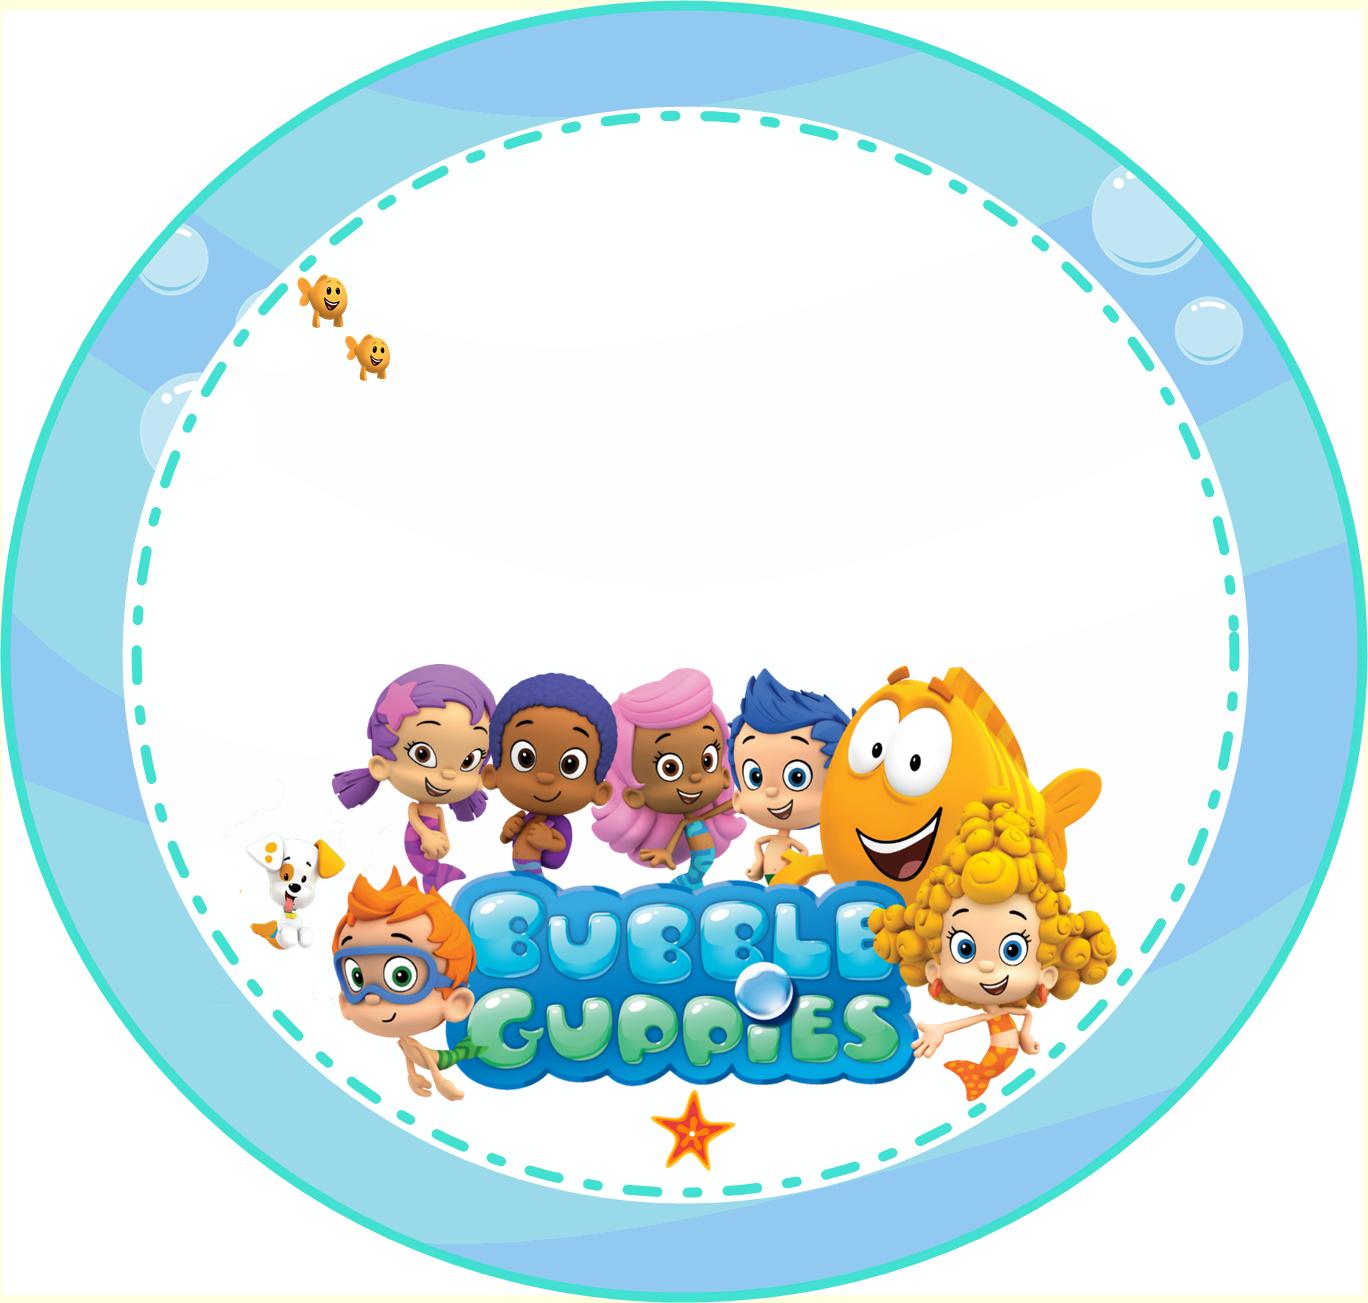 kit de personalizados tema bubble guppies bubble guppies guppy